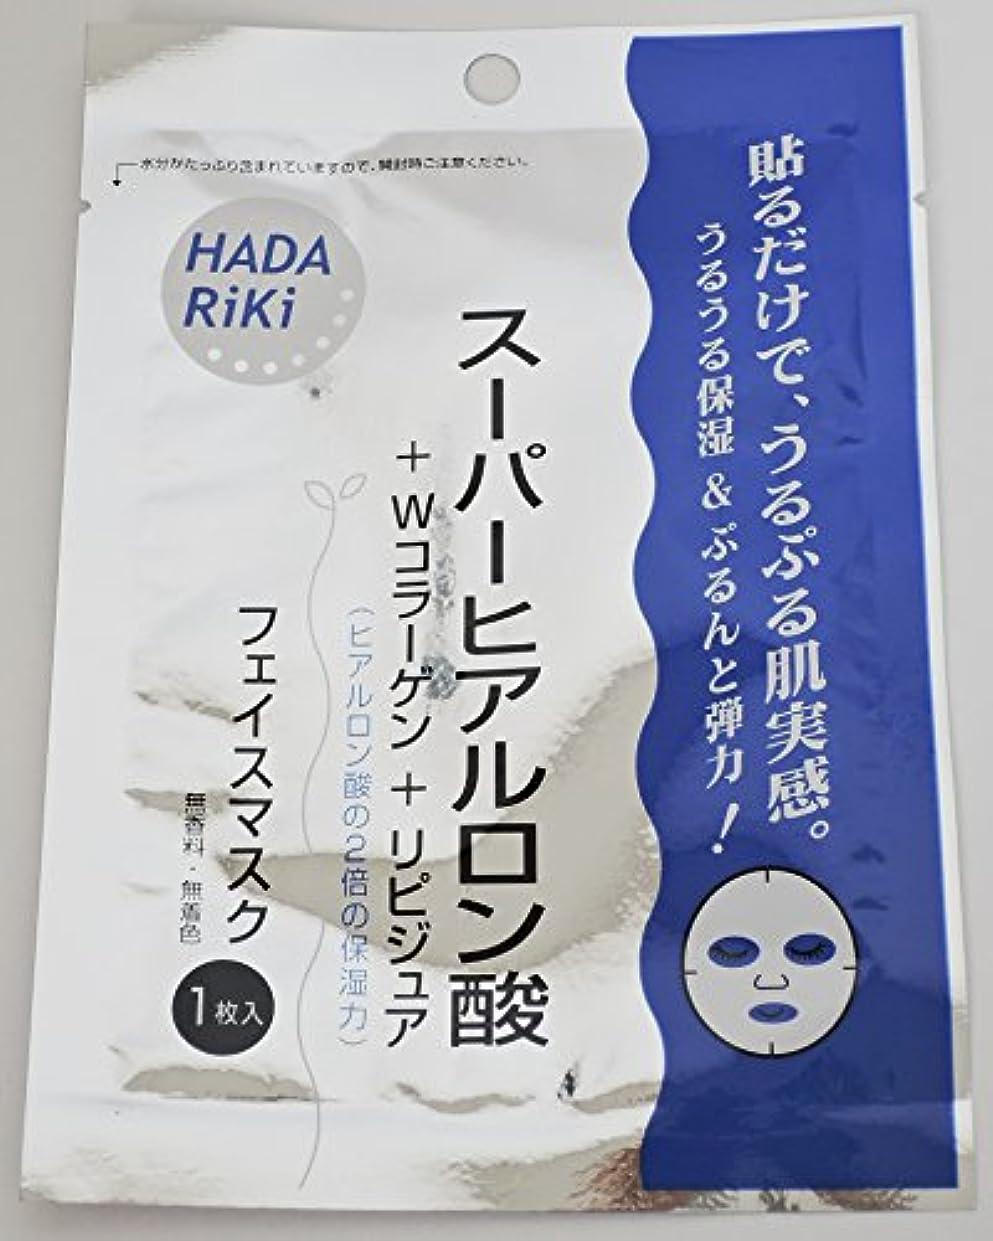 処方タイマーコードHADA RiKi スーパーヒアルロン酸+Wコラーゲン+リピジュア フェイスマスク 20ml